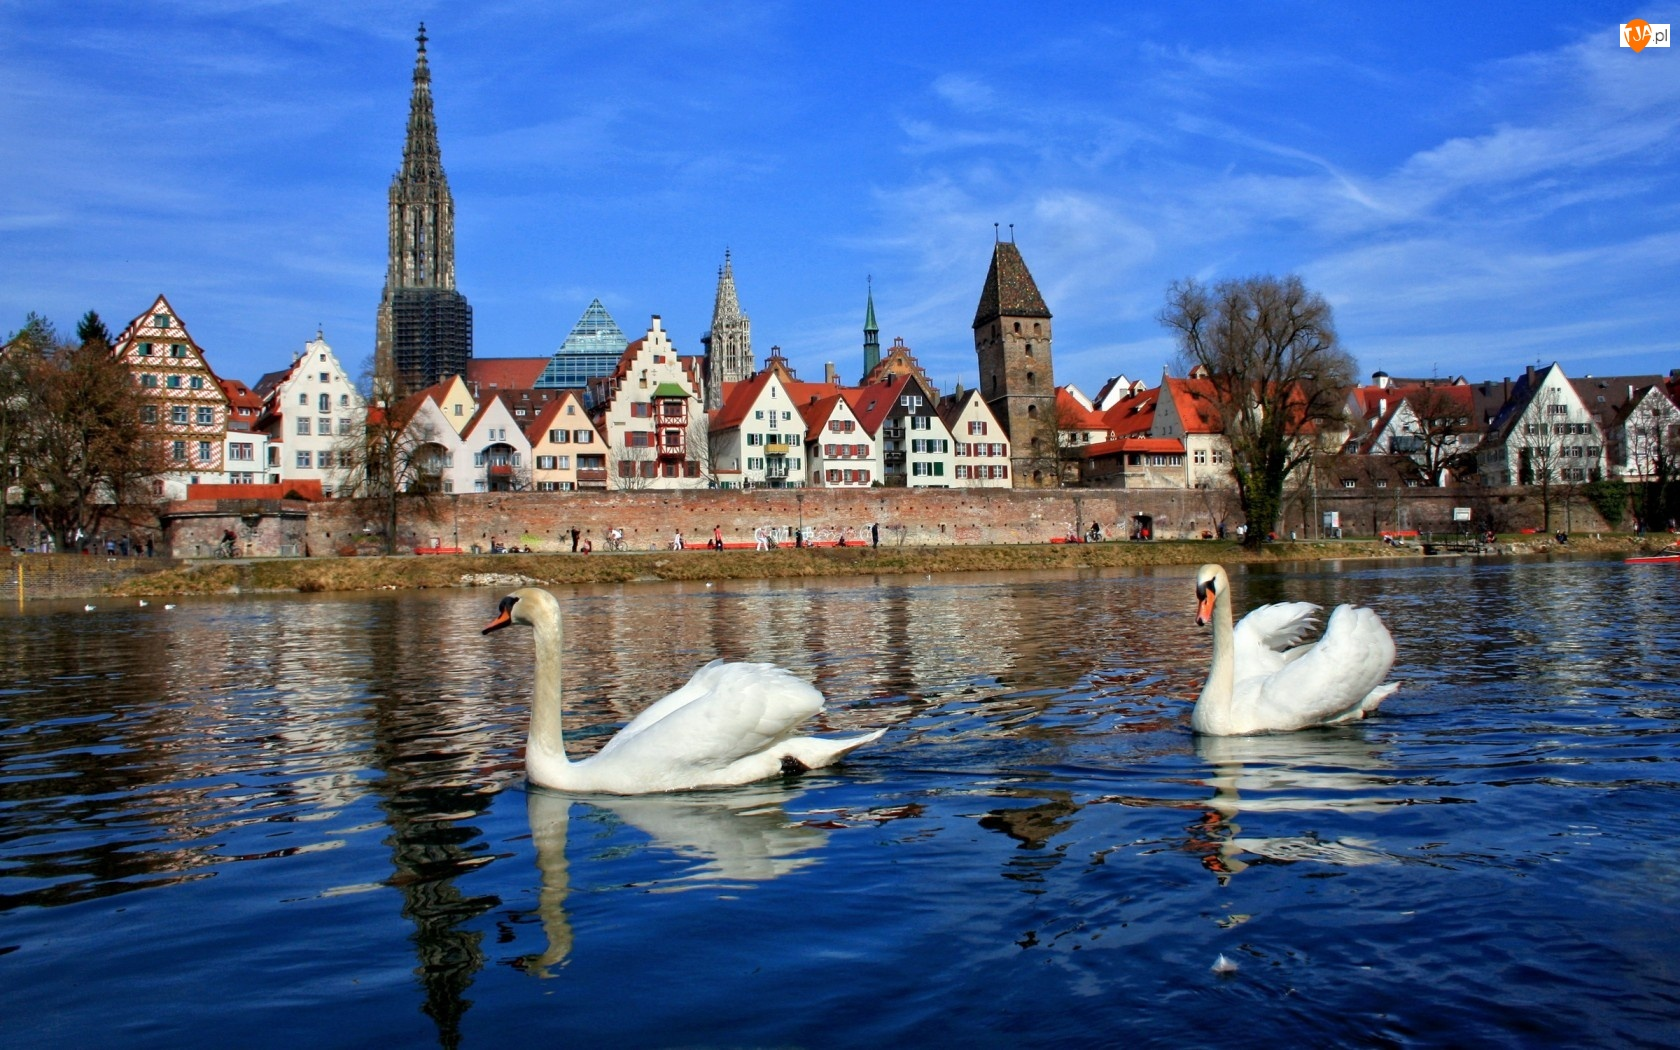 Łabędzie, Niemcy, Miasteczko, Bawaria